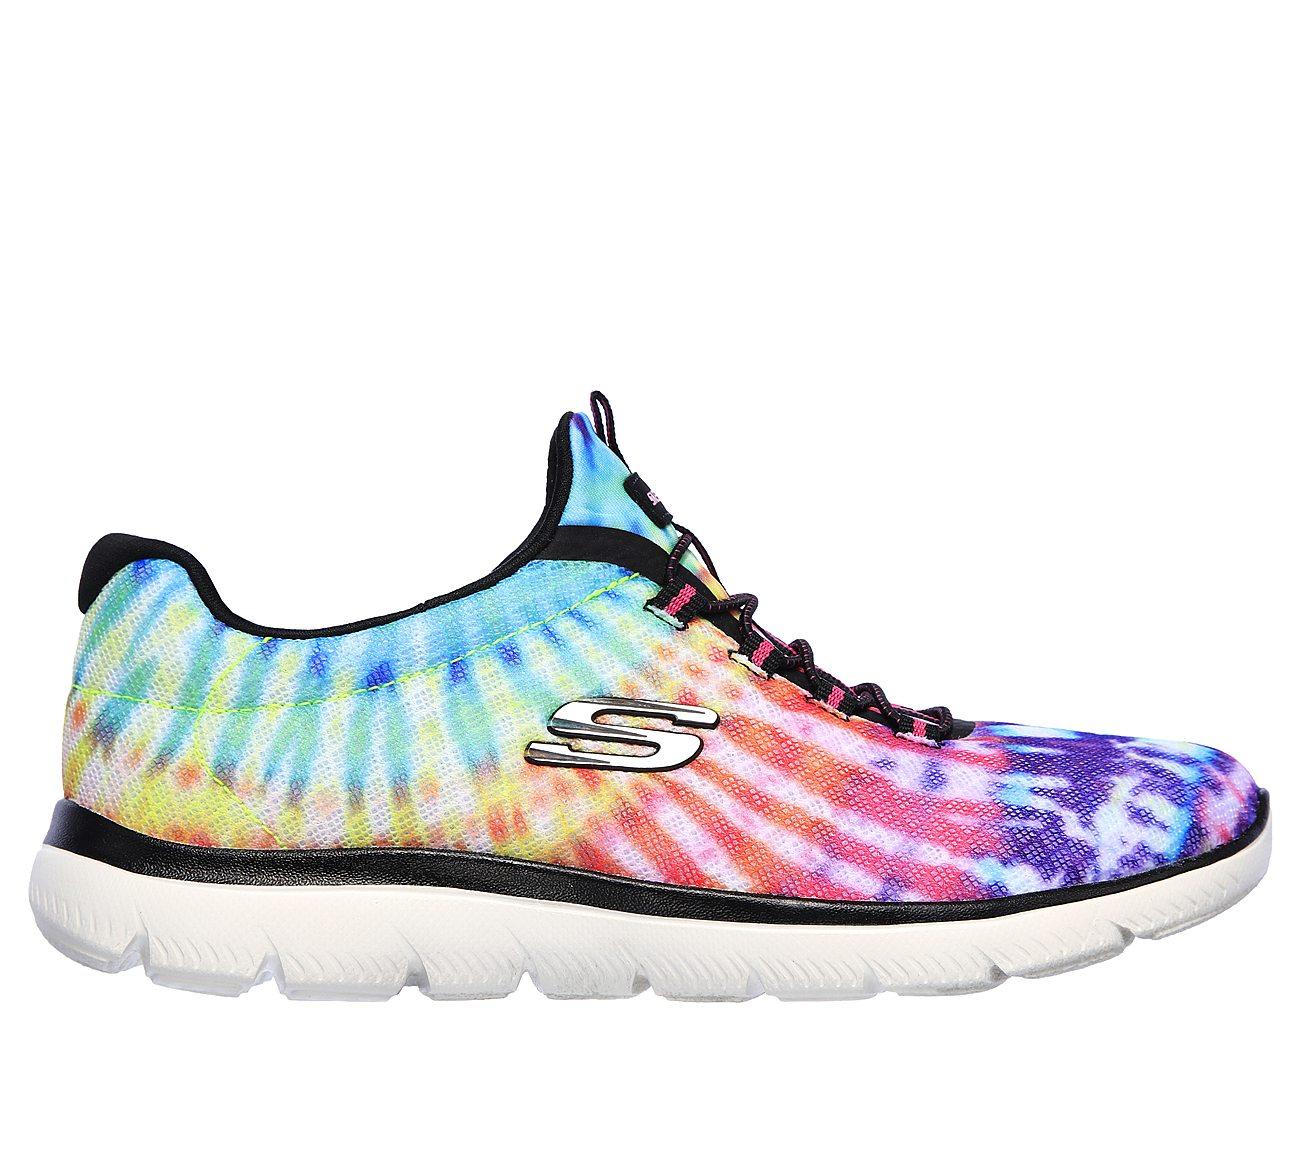 Buy SKECHERS Summits Looking Groovy Sport Shoes rPBBR